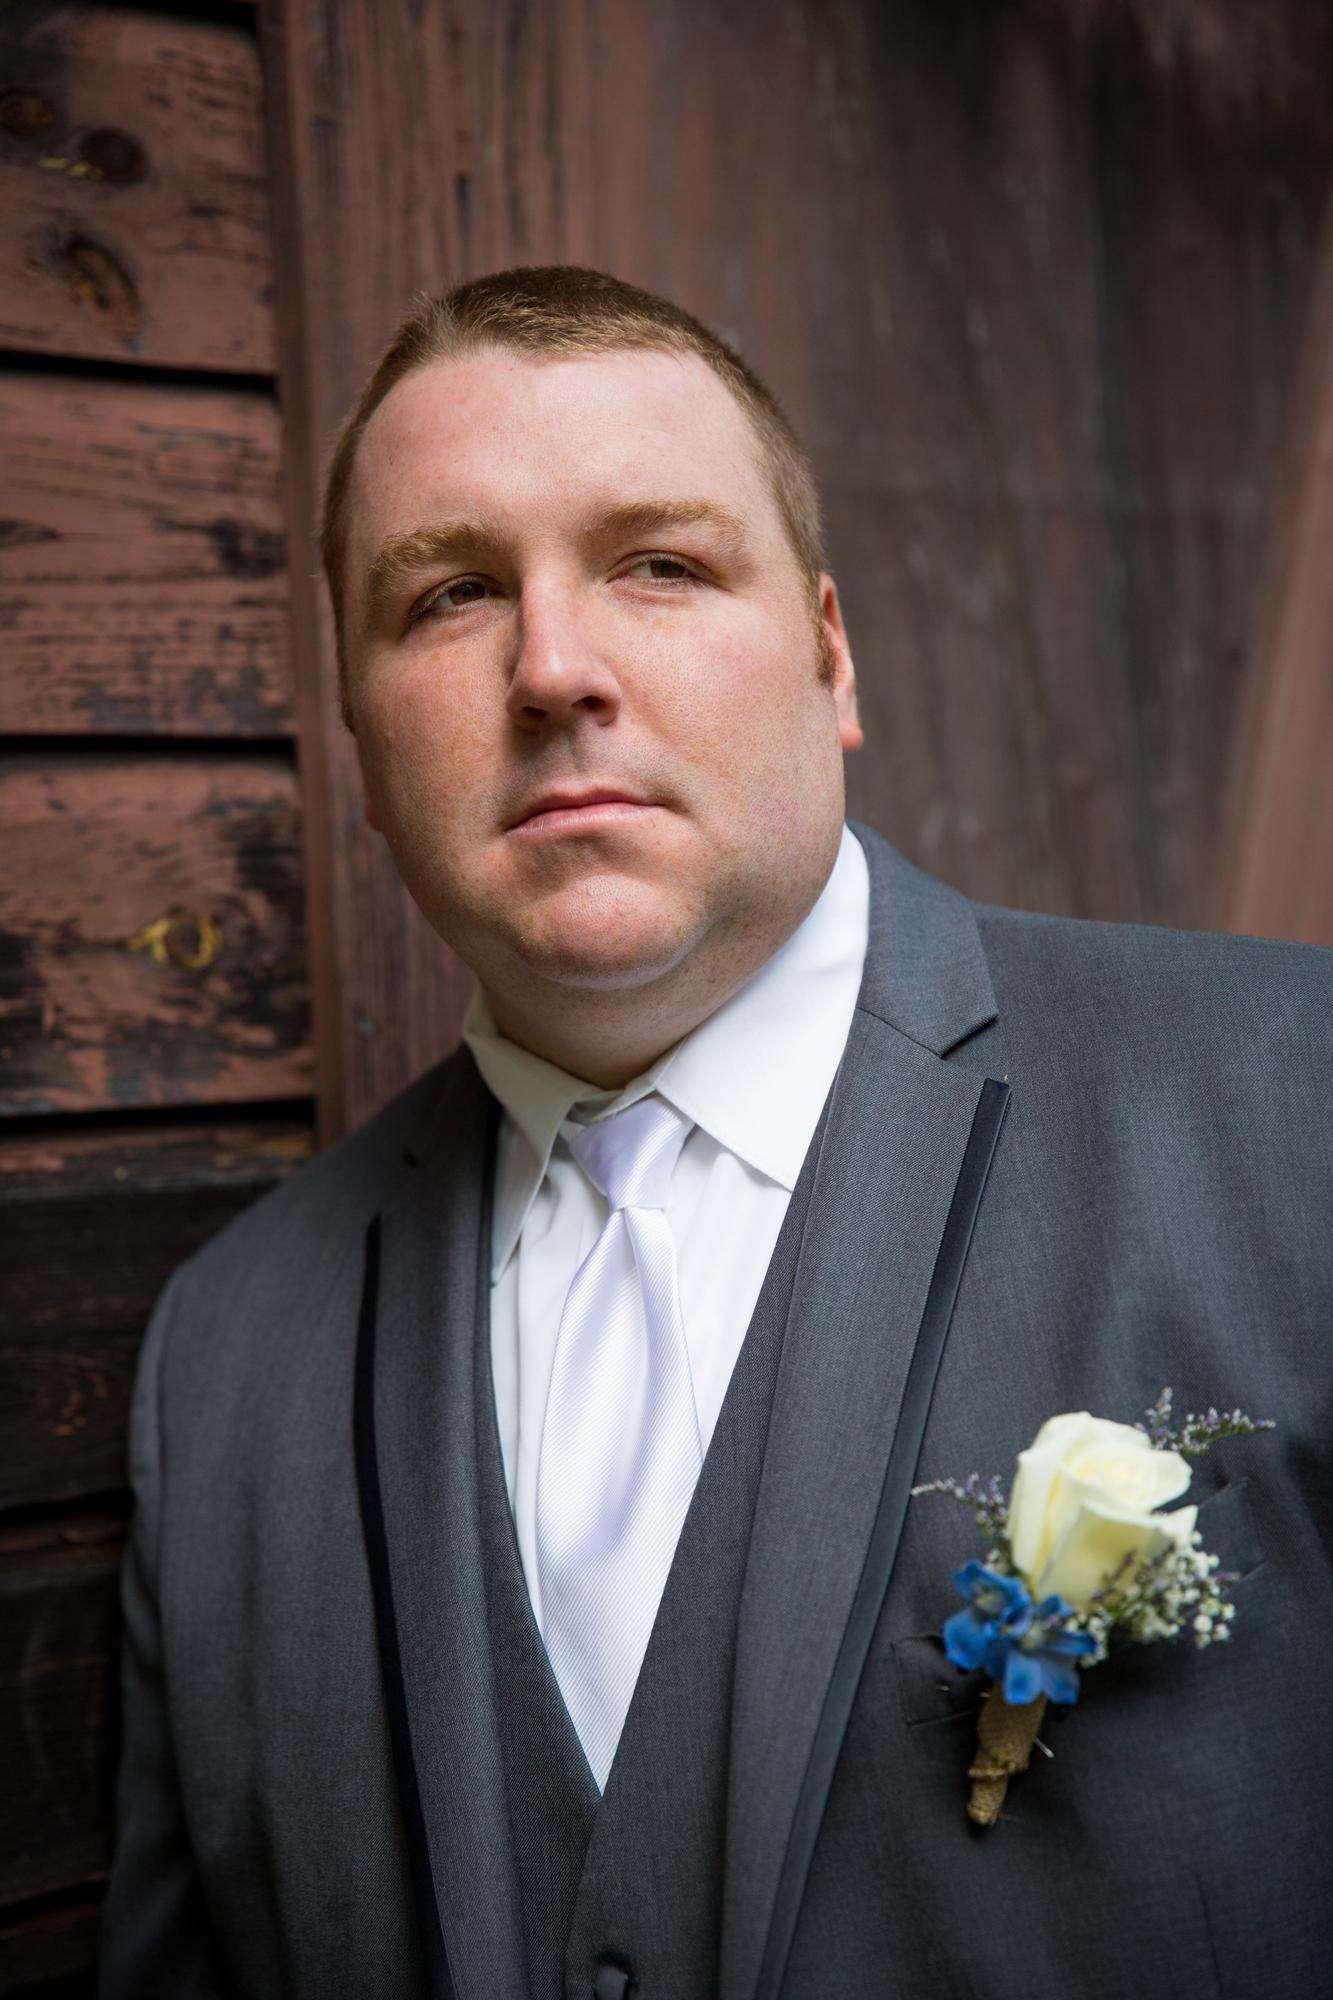 Albany NY Wedding Photographer Justin Tibbitts Photography 2014 Best of Albany NY Weddings-5033833